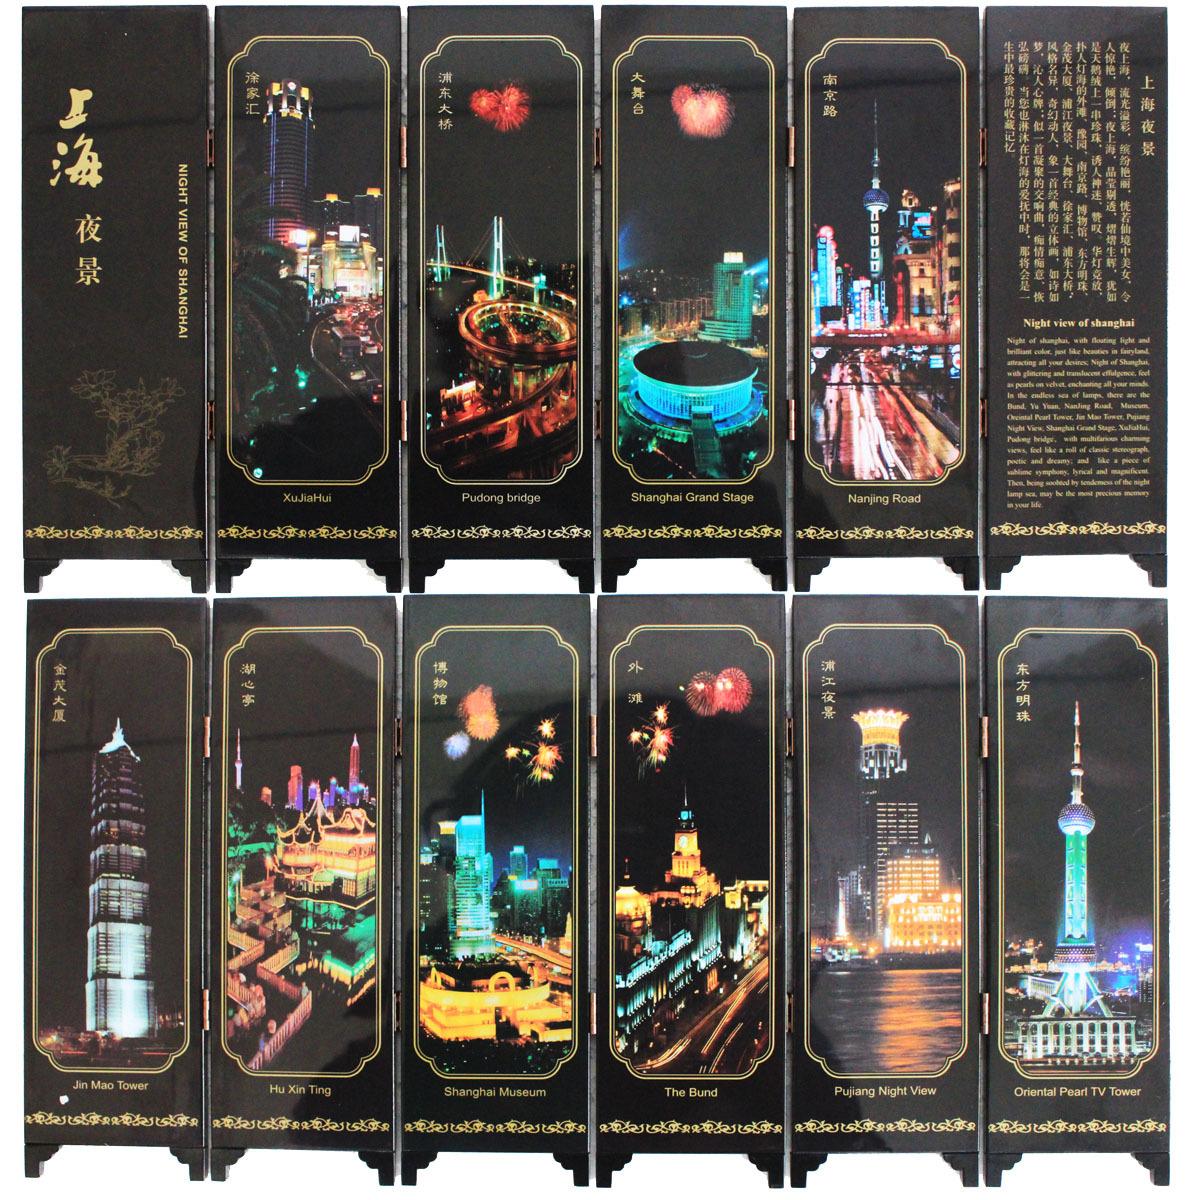 仿古小屏风摆件漆器工艺品中国特色出国礼品送老外礼物上海夜景图